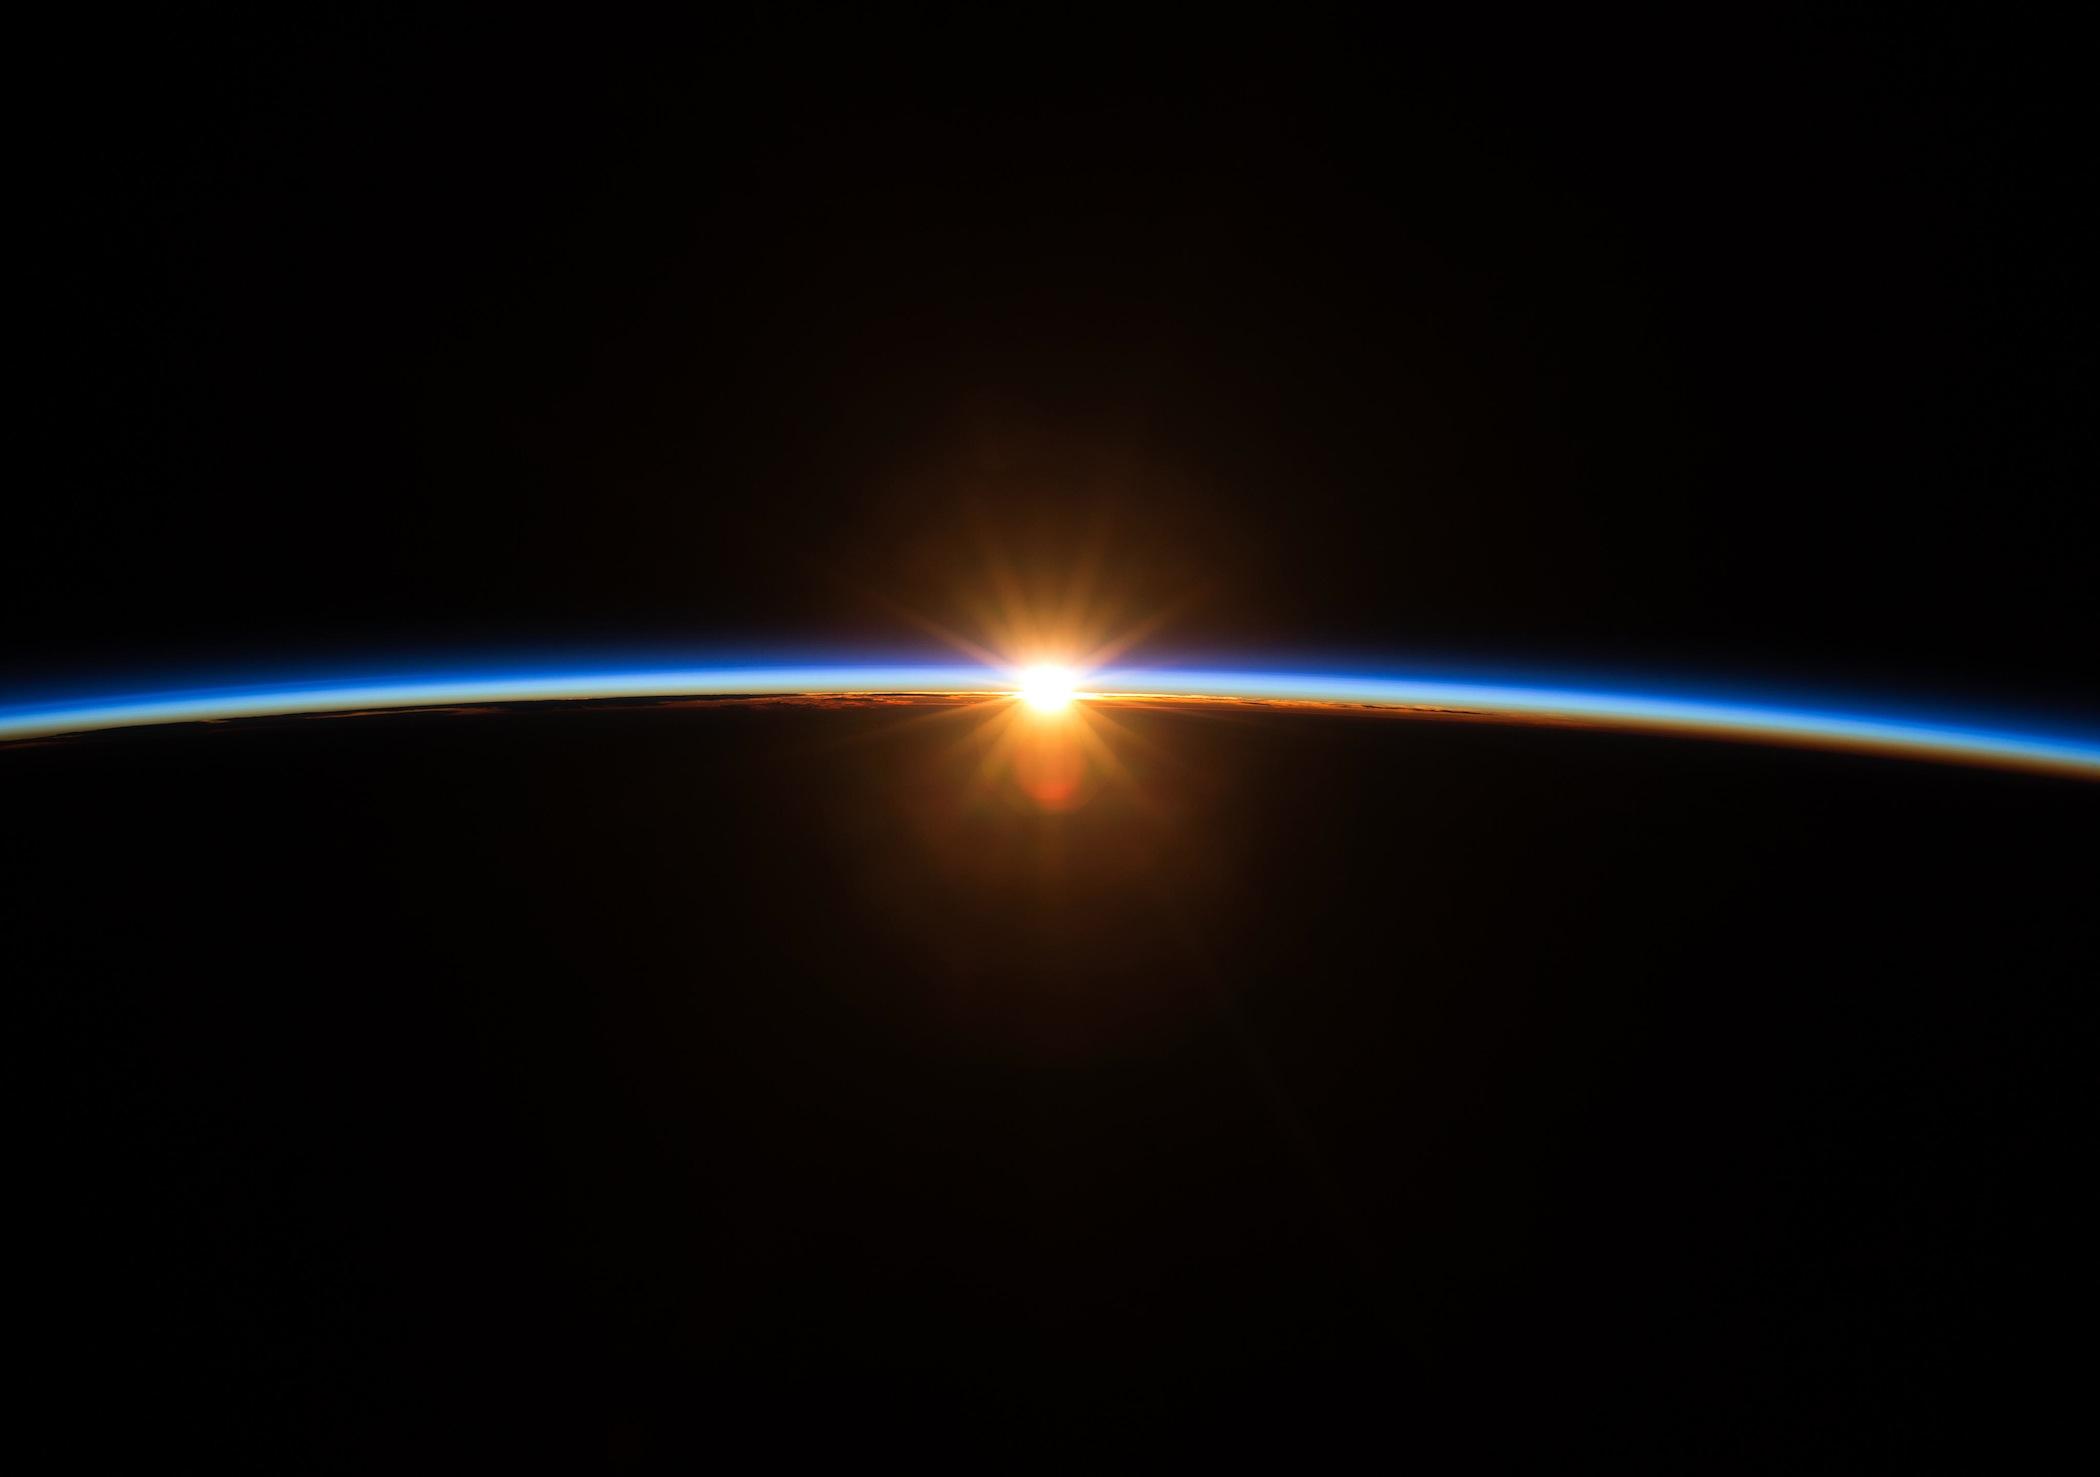 SUNRISE_IMAX9563_CC_4K.tif